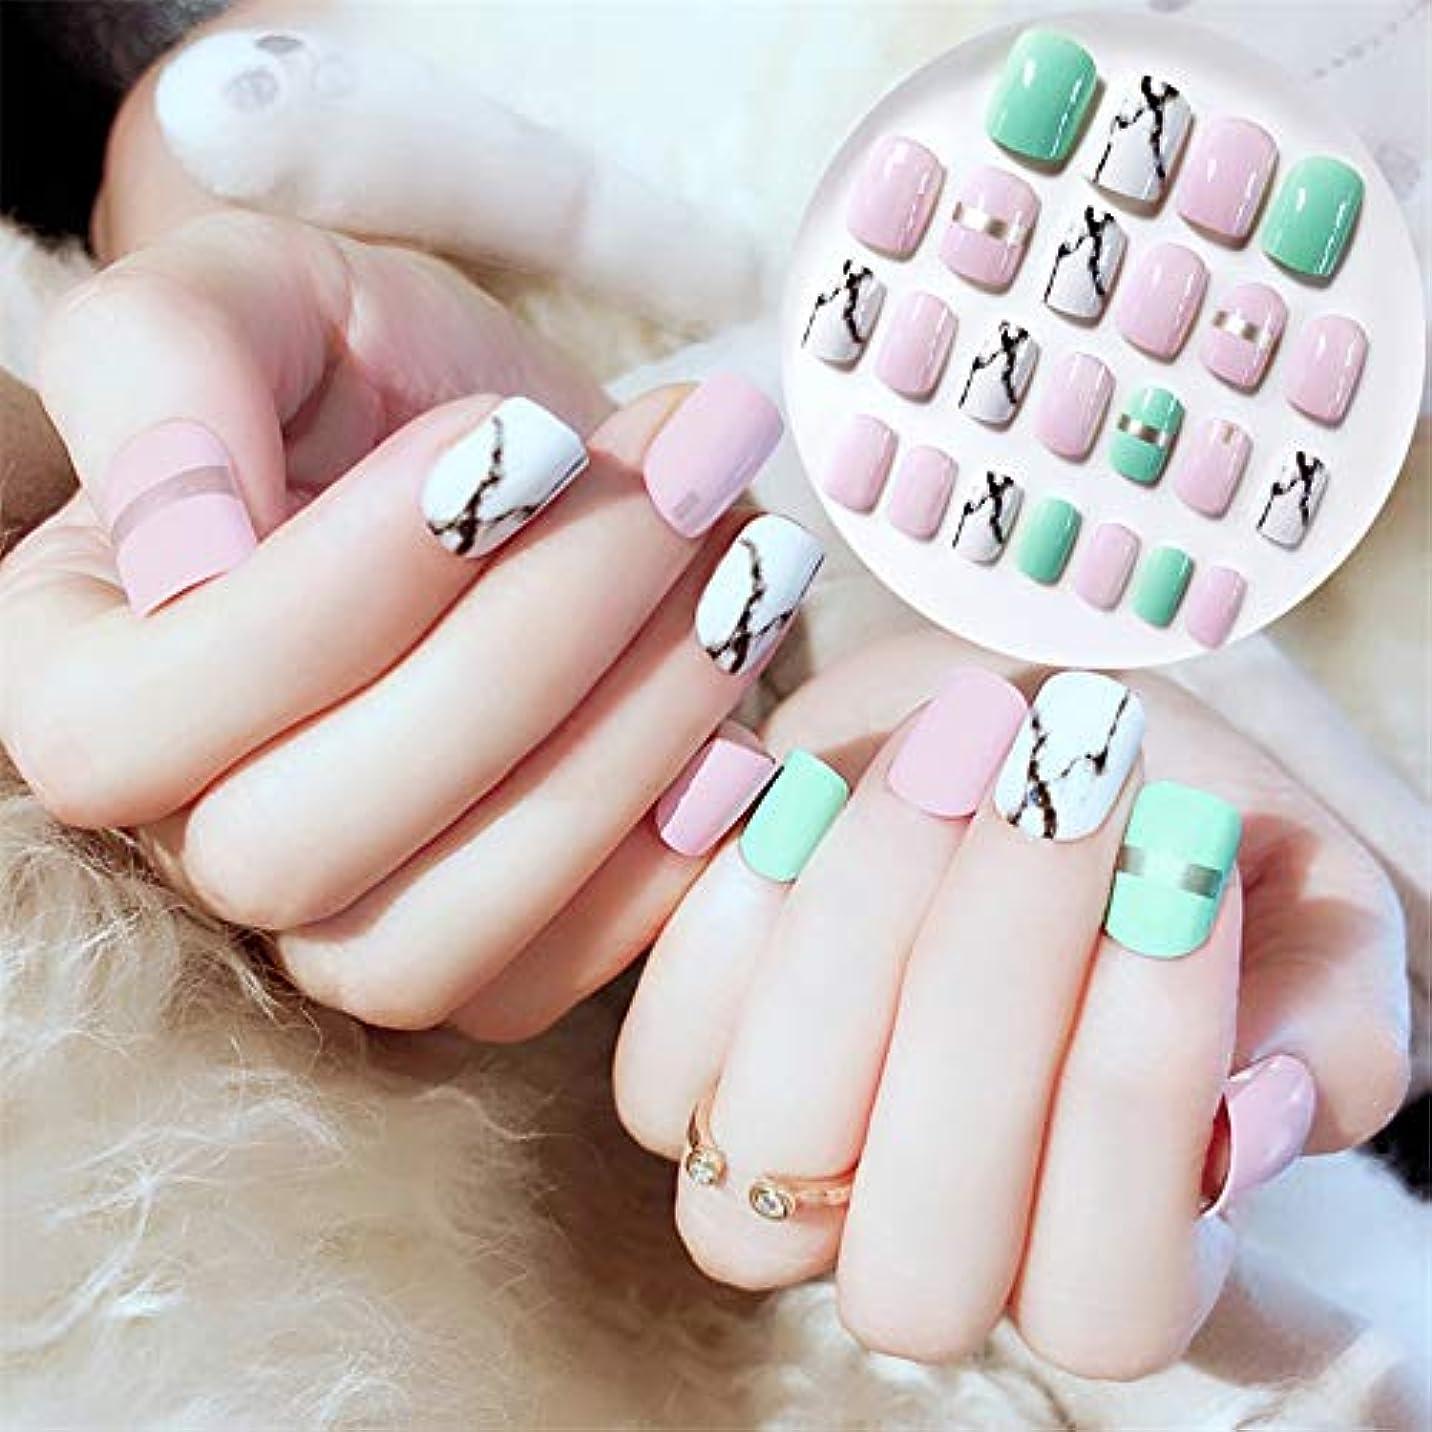 めまいが戦闘通信網XUTXZKA 24本の短い正方形の偽の爪白大理石ブルーピンクプレス爪の装飾真珠のヒント